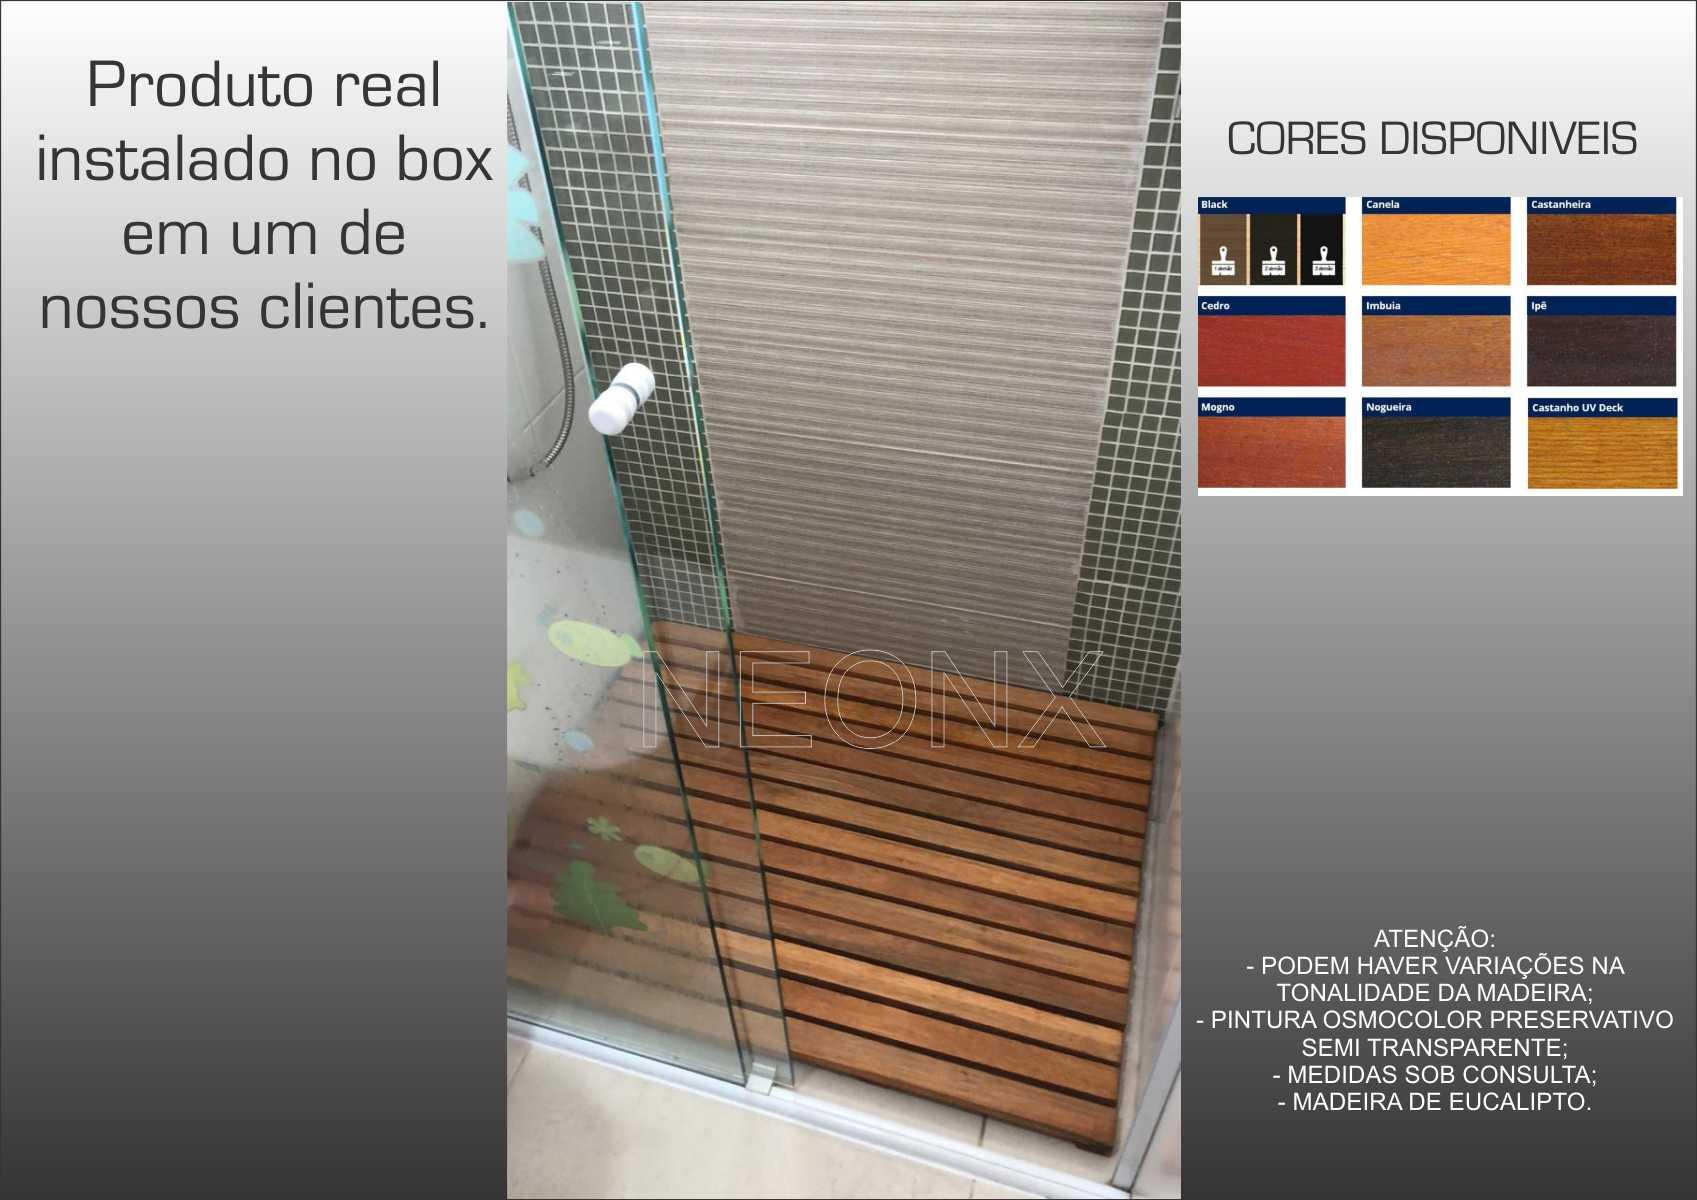 Deck De Madeira Chuveiro Box Banheiro Capacho 130x85 cm Pintado